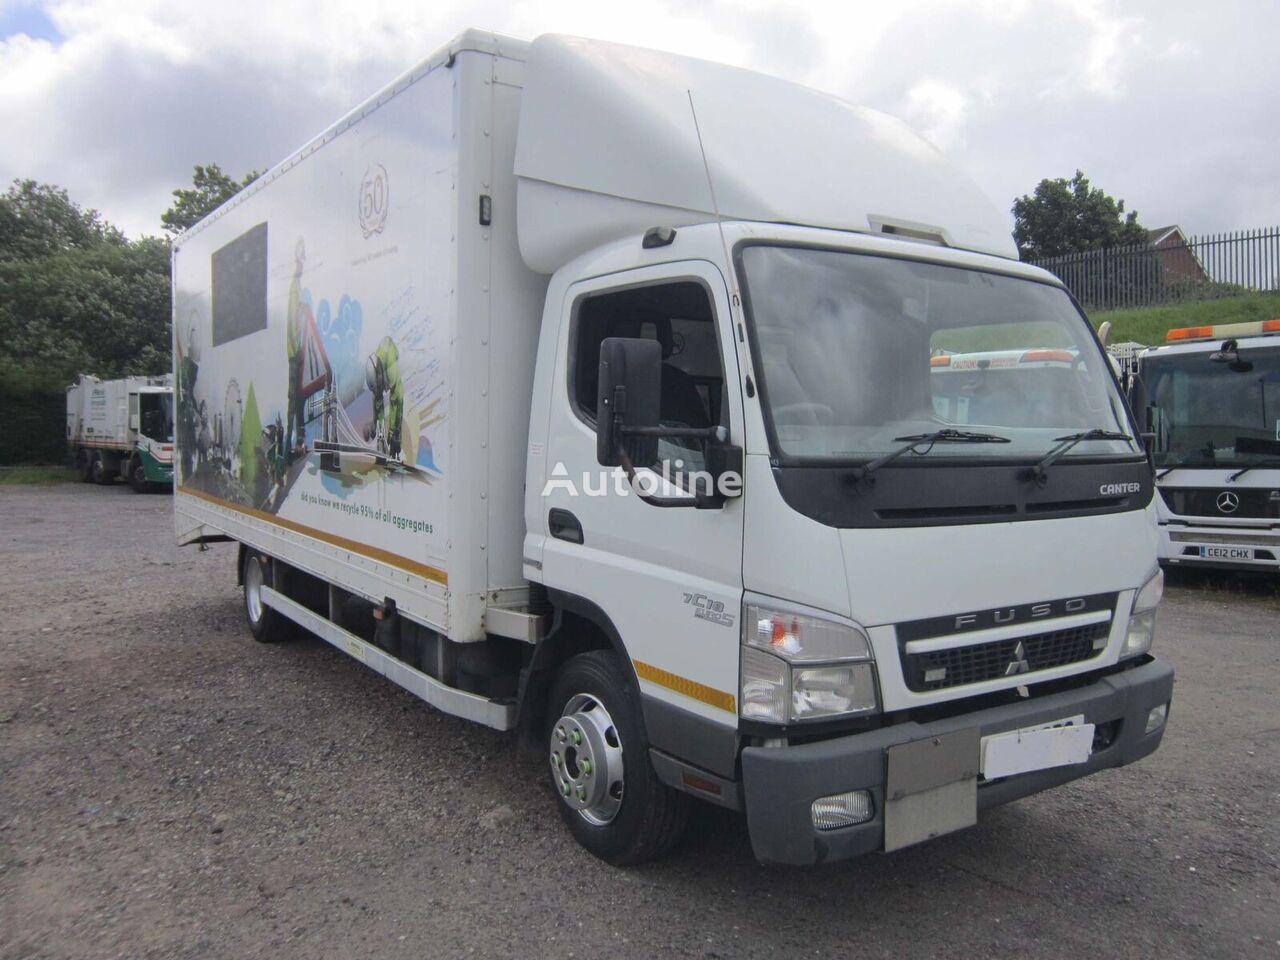 Mitsubishi Fuso CANTER 7C18 4X2 7.5TON BOX VAN C/W ROLLER SHUTTER DOORS kamion furgon